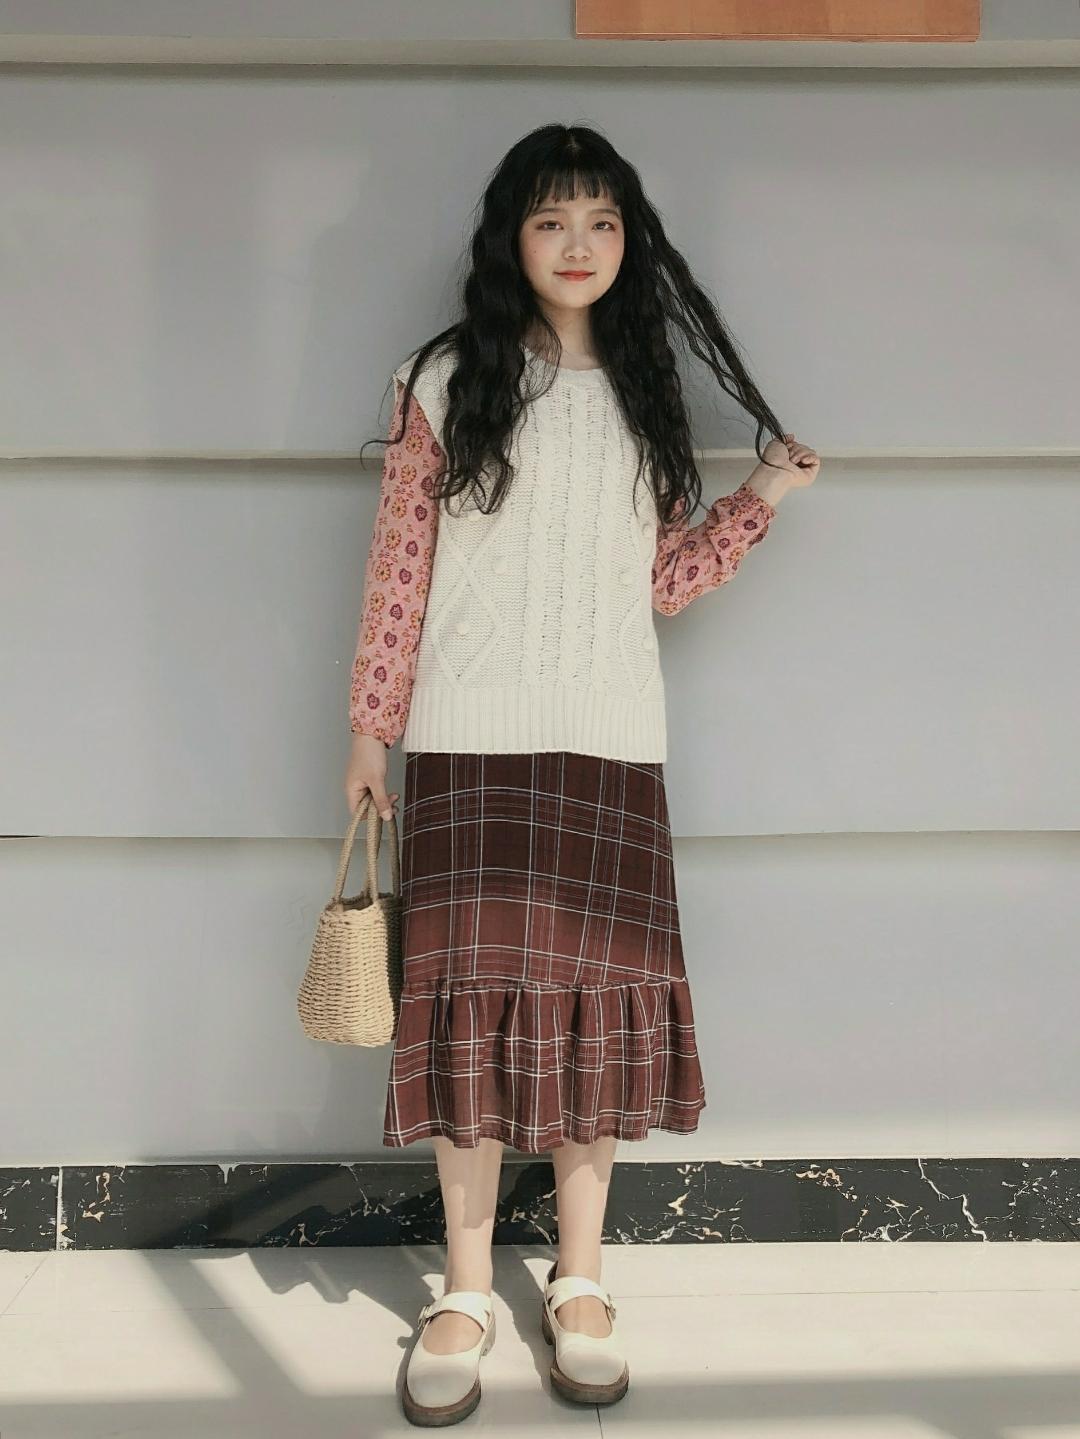 小碎花的打底,搭配暗红色格子鱼尾裙,chic风的草编包包,再加一个毛衣马甲就可以又美又暖和的去逛街啦~#毛衣马甲背心#